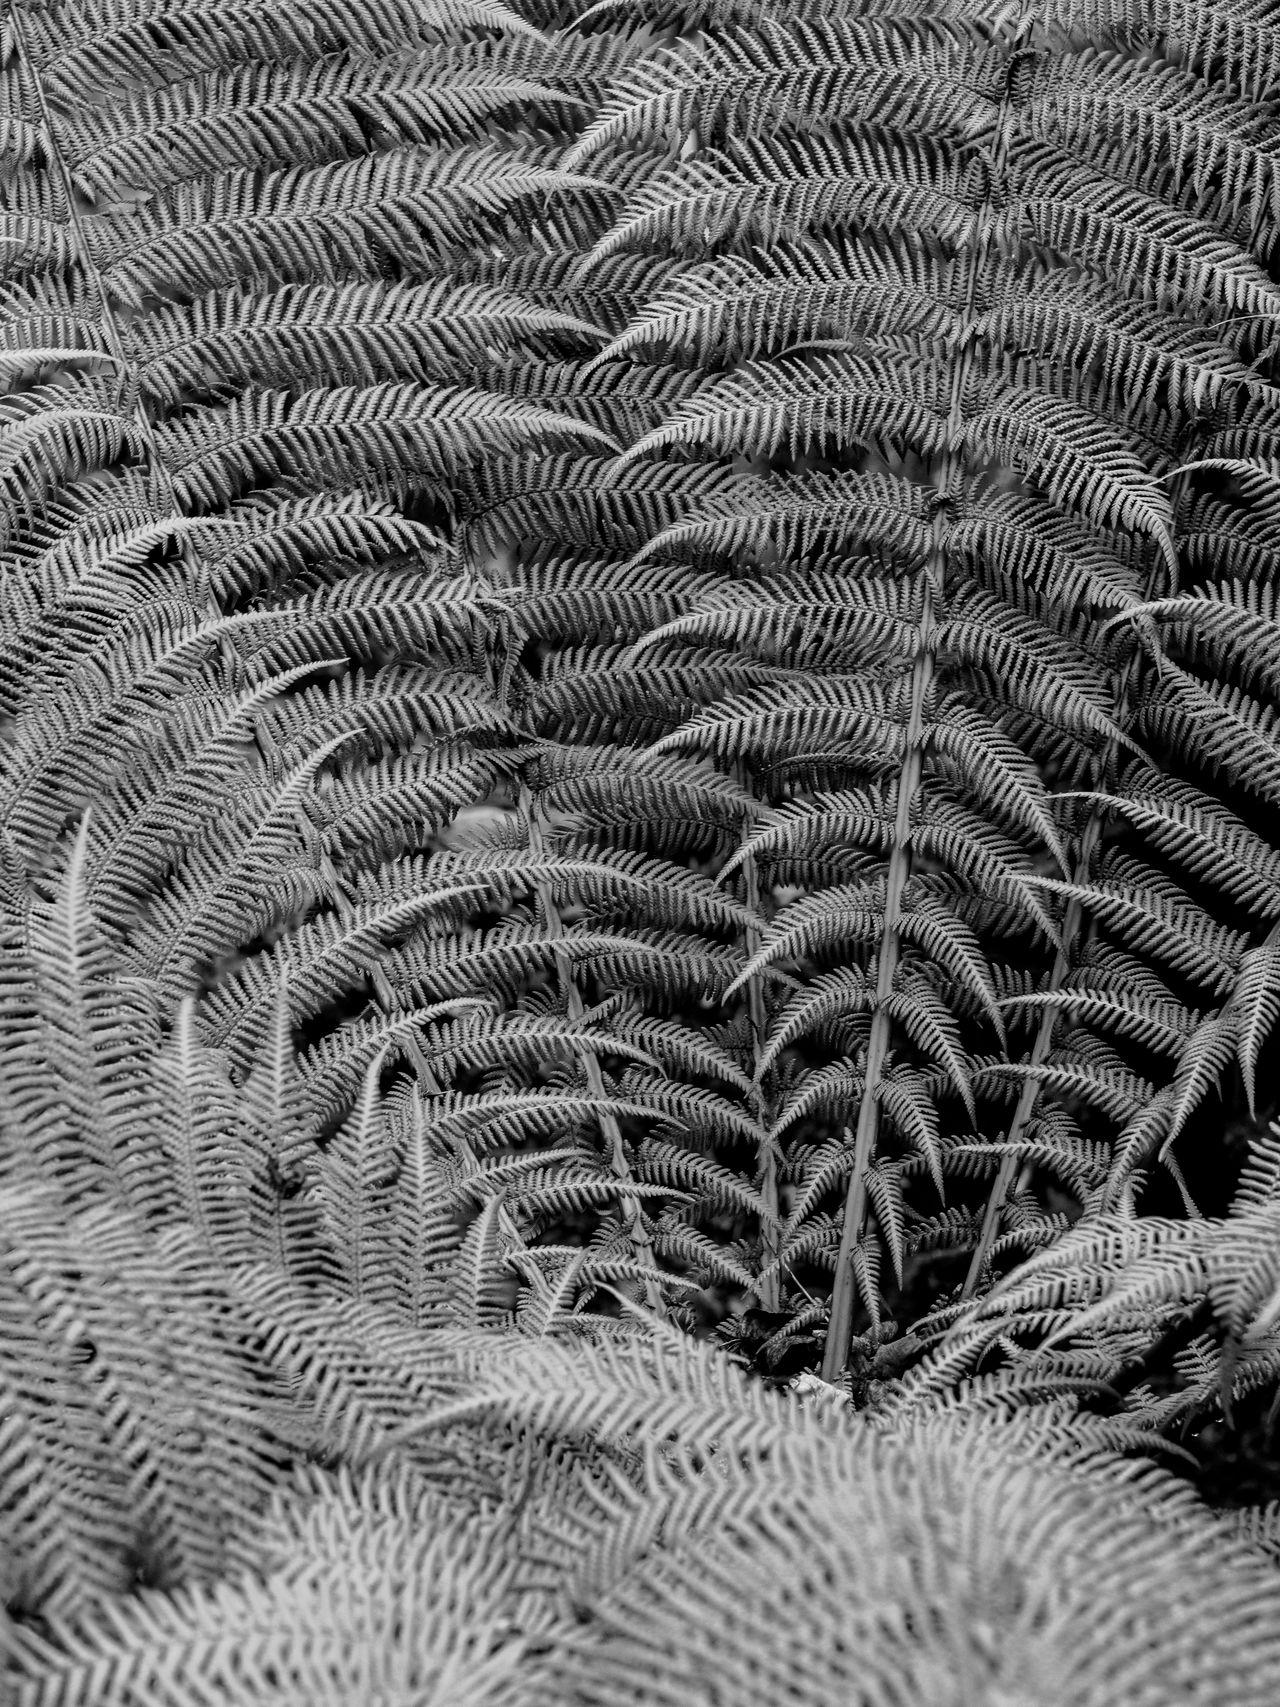 Full frame shot of lizard